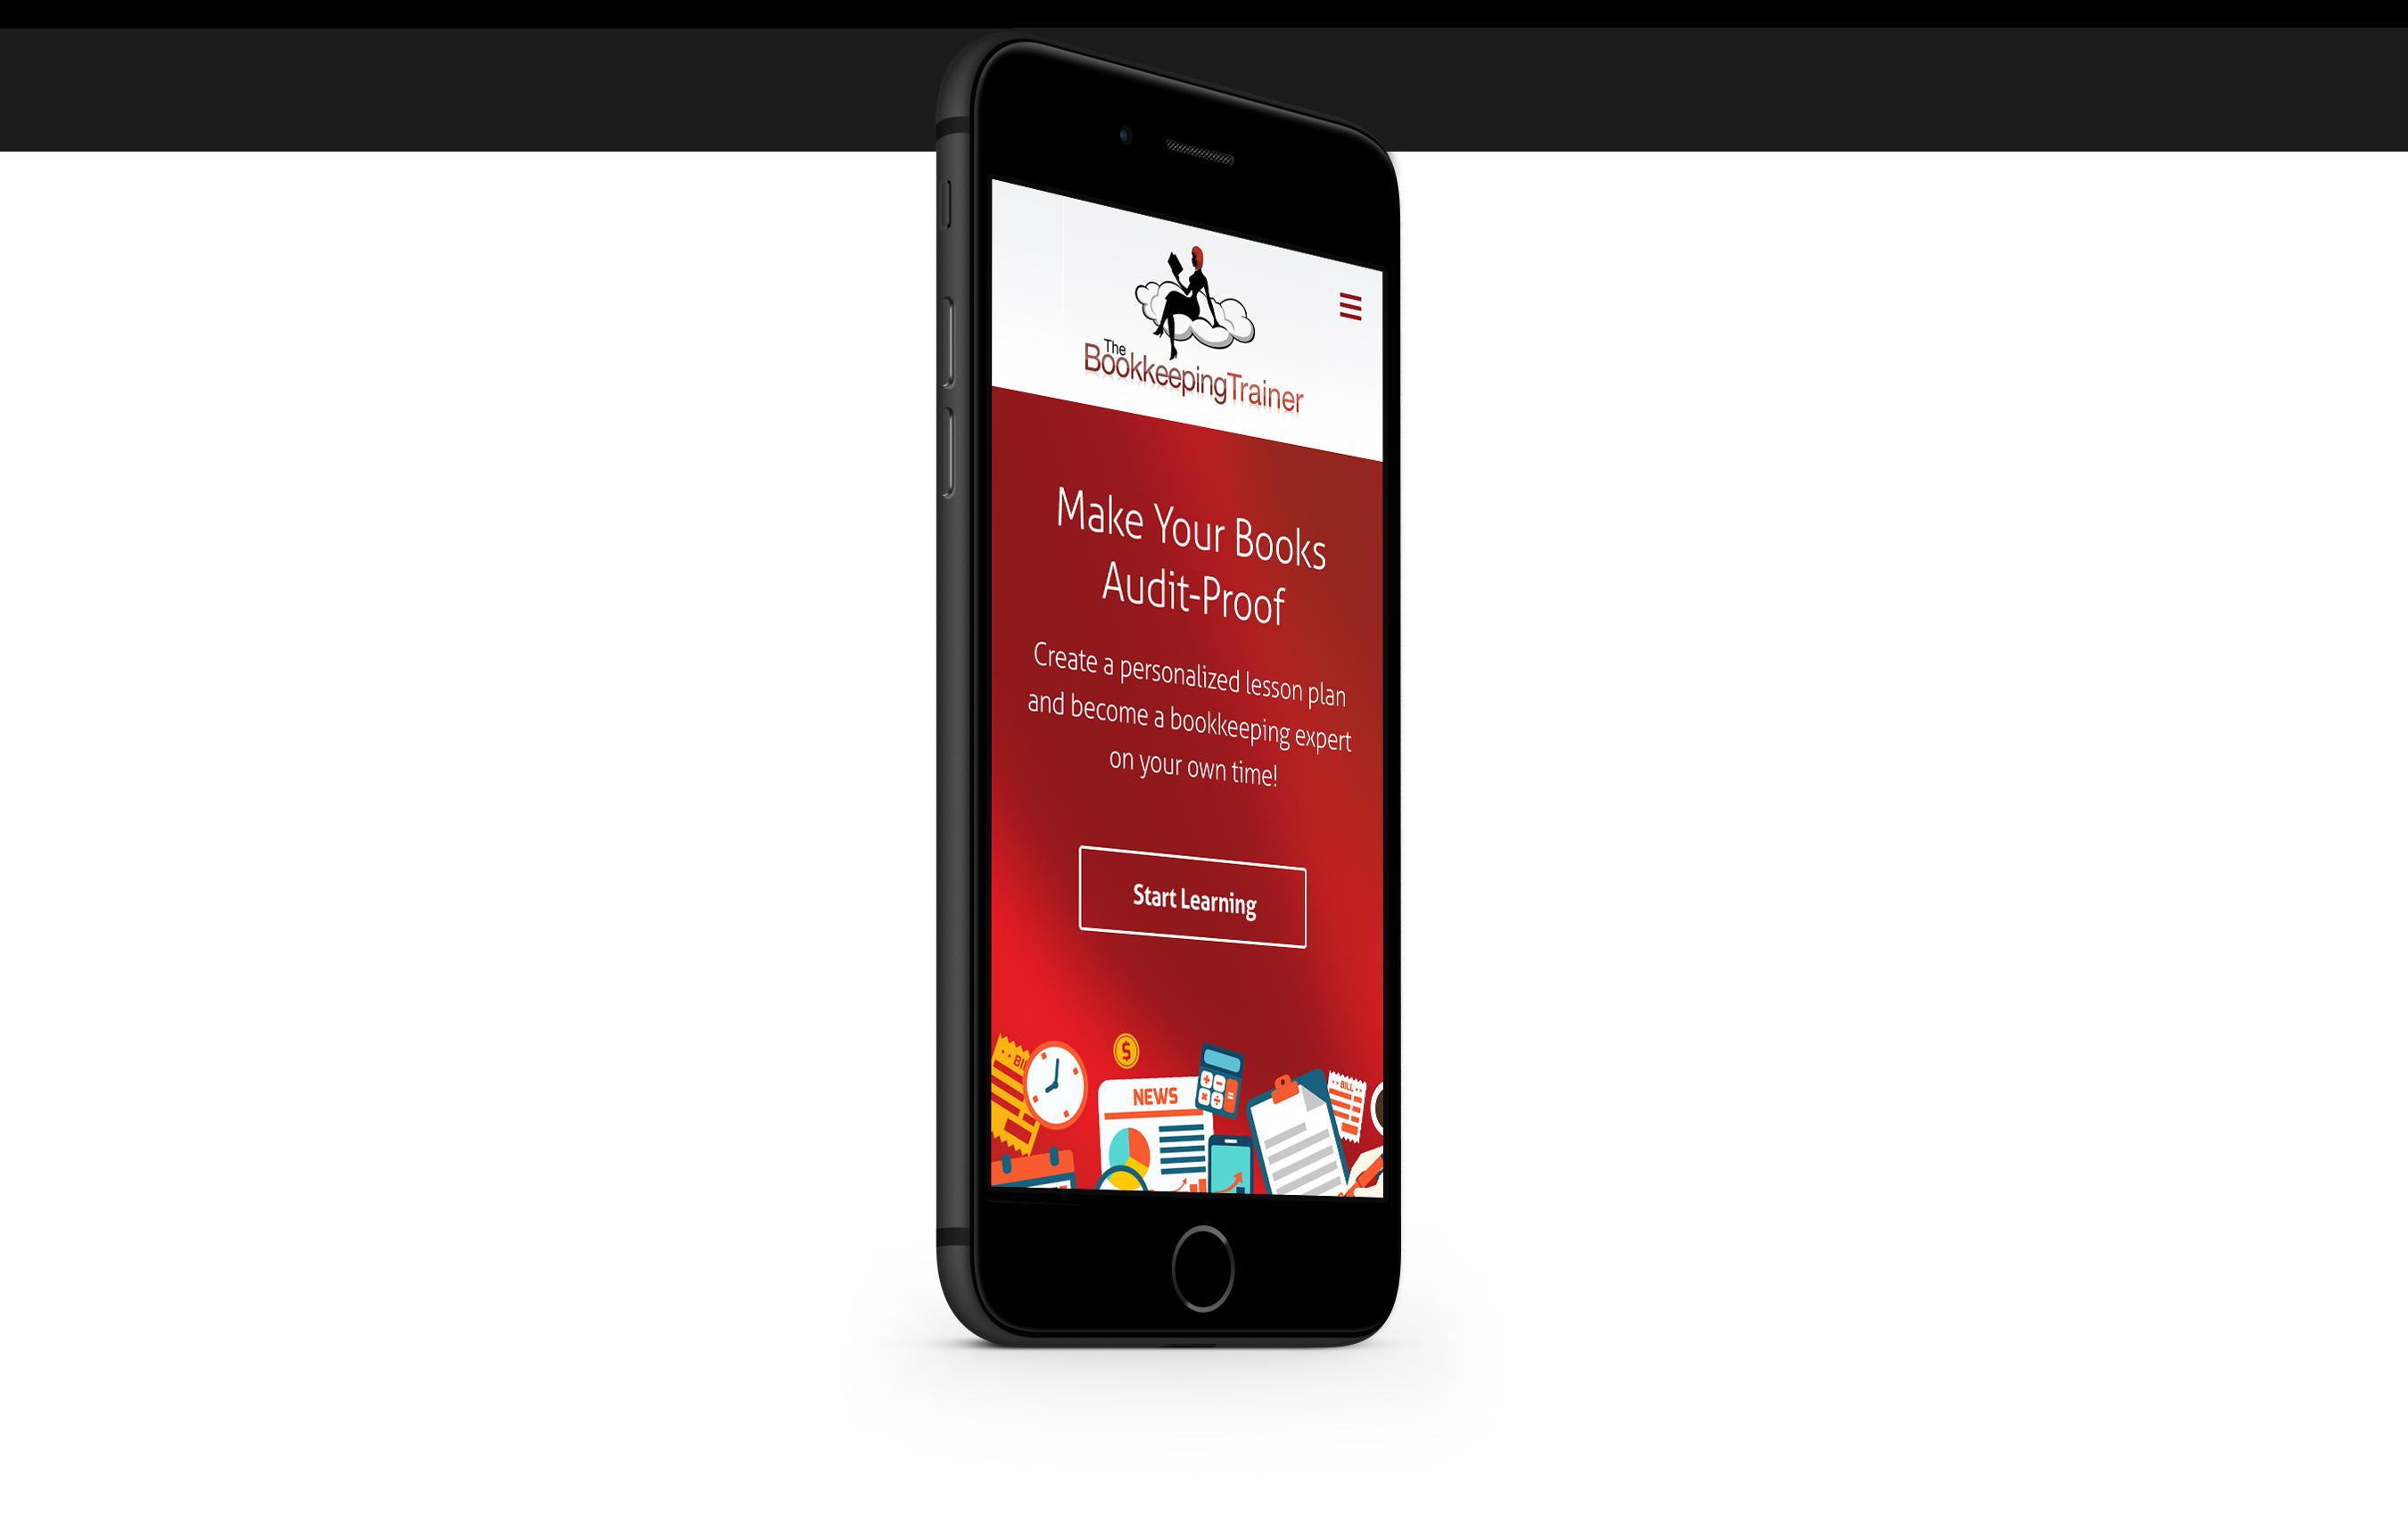 thecoachingredhead.com mobile site design